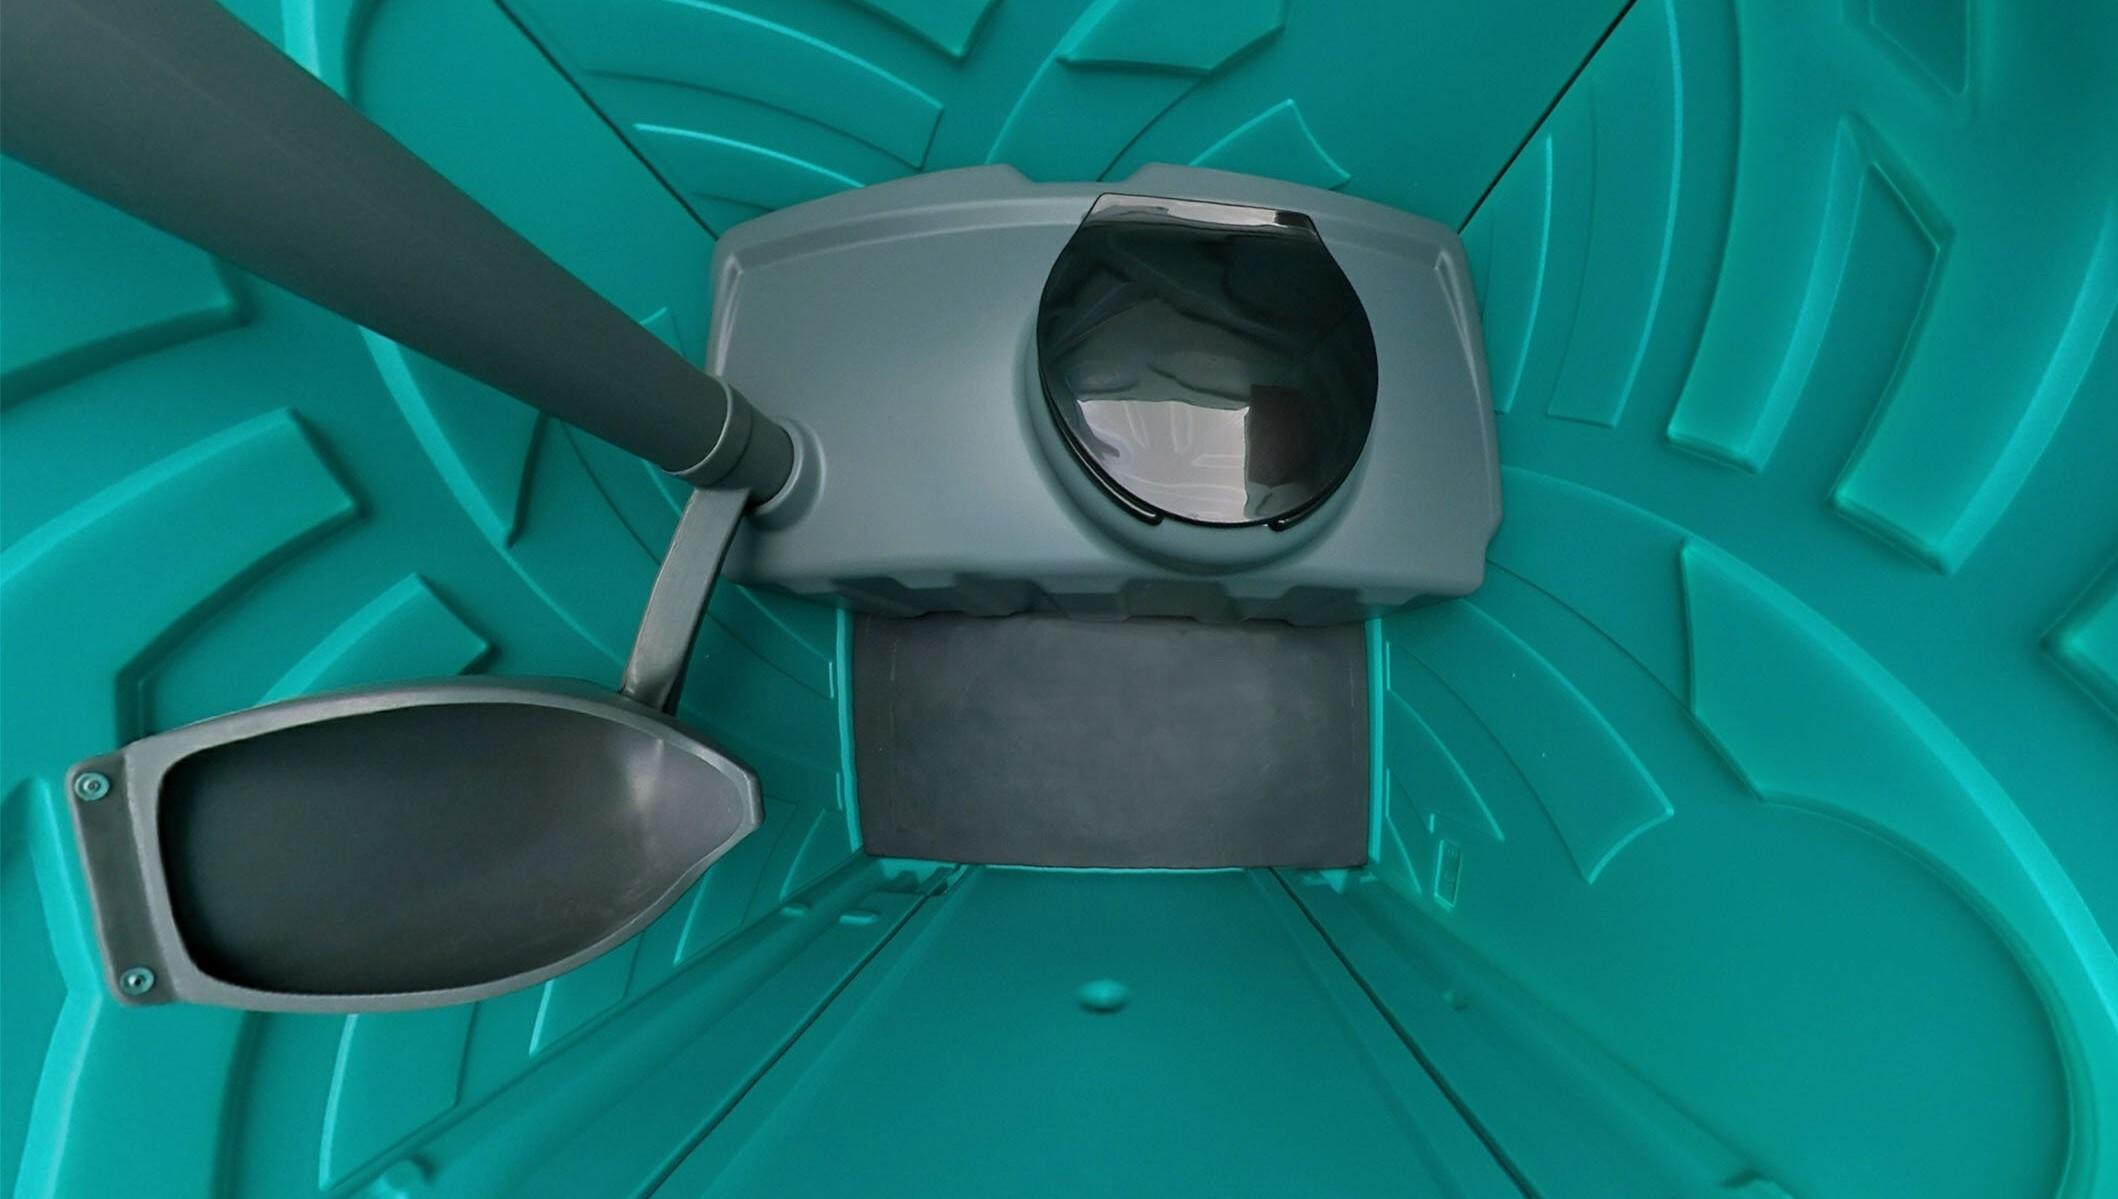 Wyposażenie toalety przenośnej